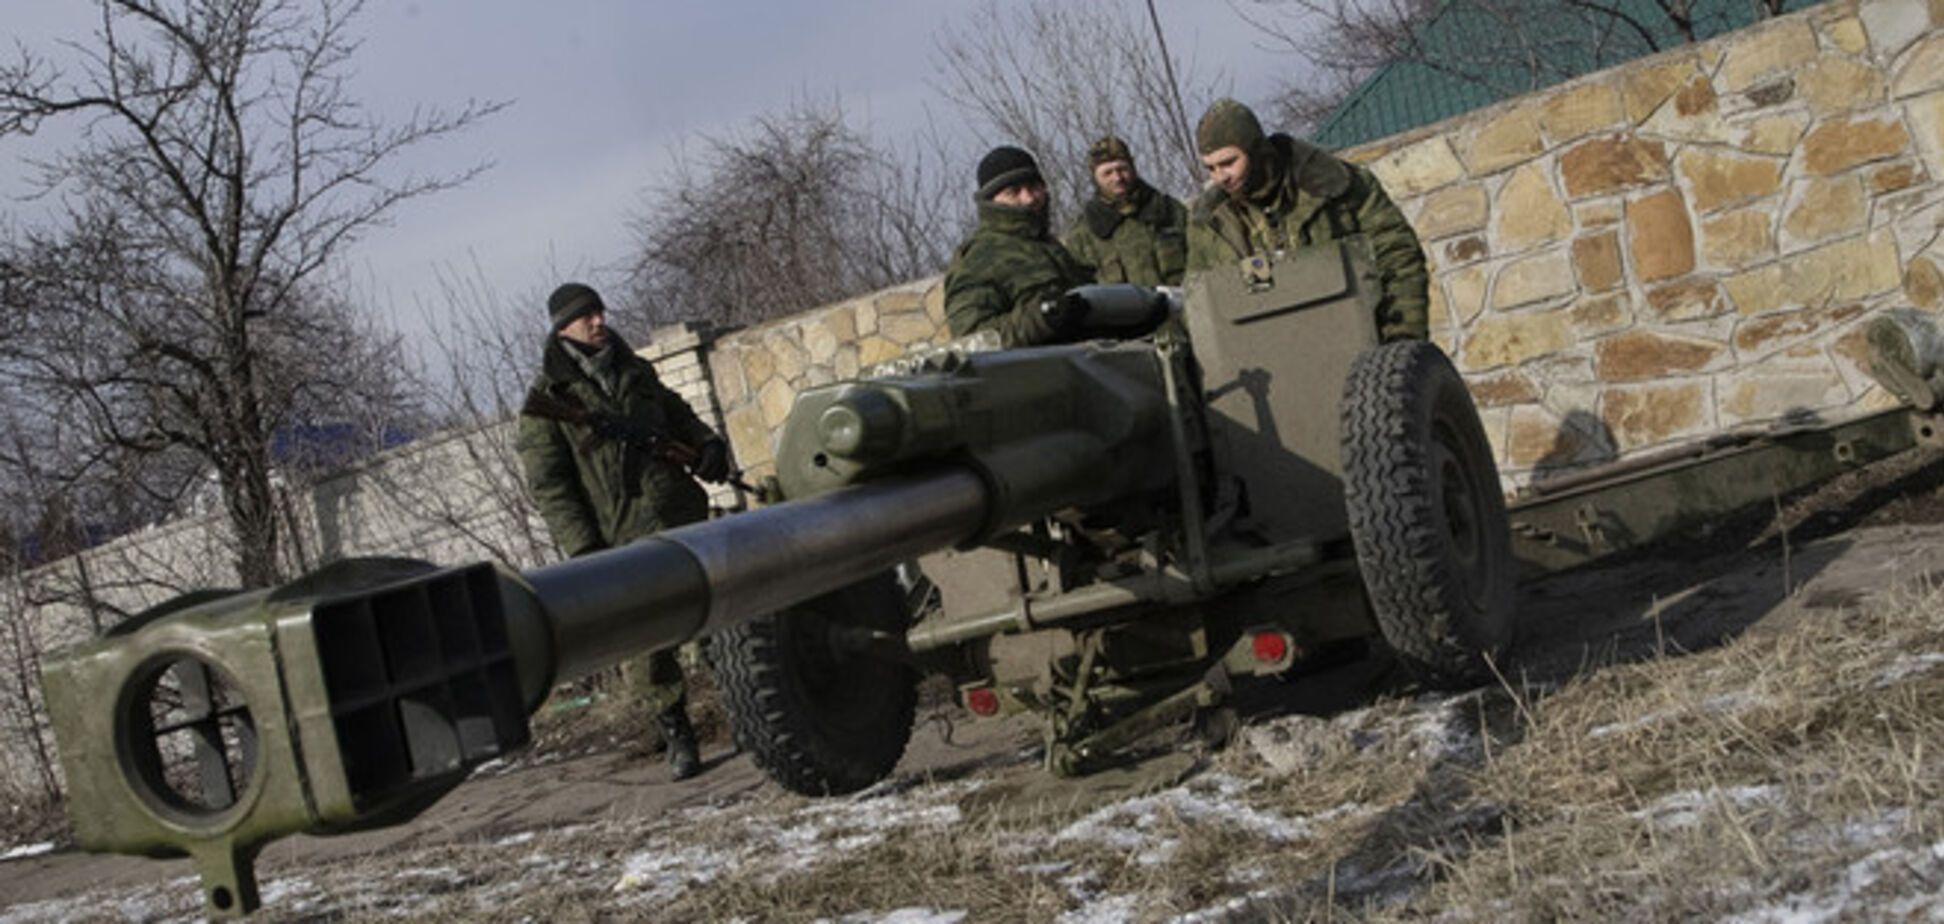 Террористы продолжают накапливать силы и средства в Донецке - Тымчук